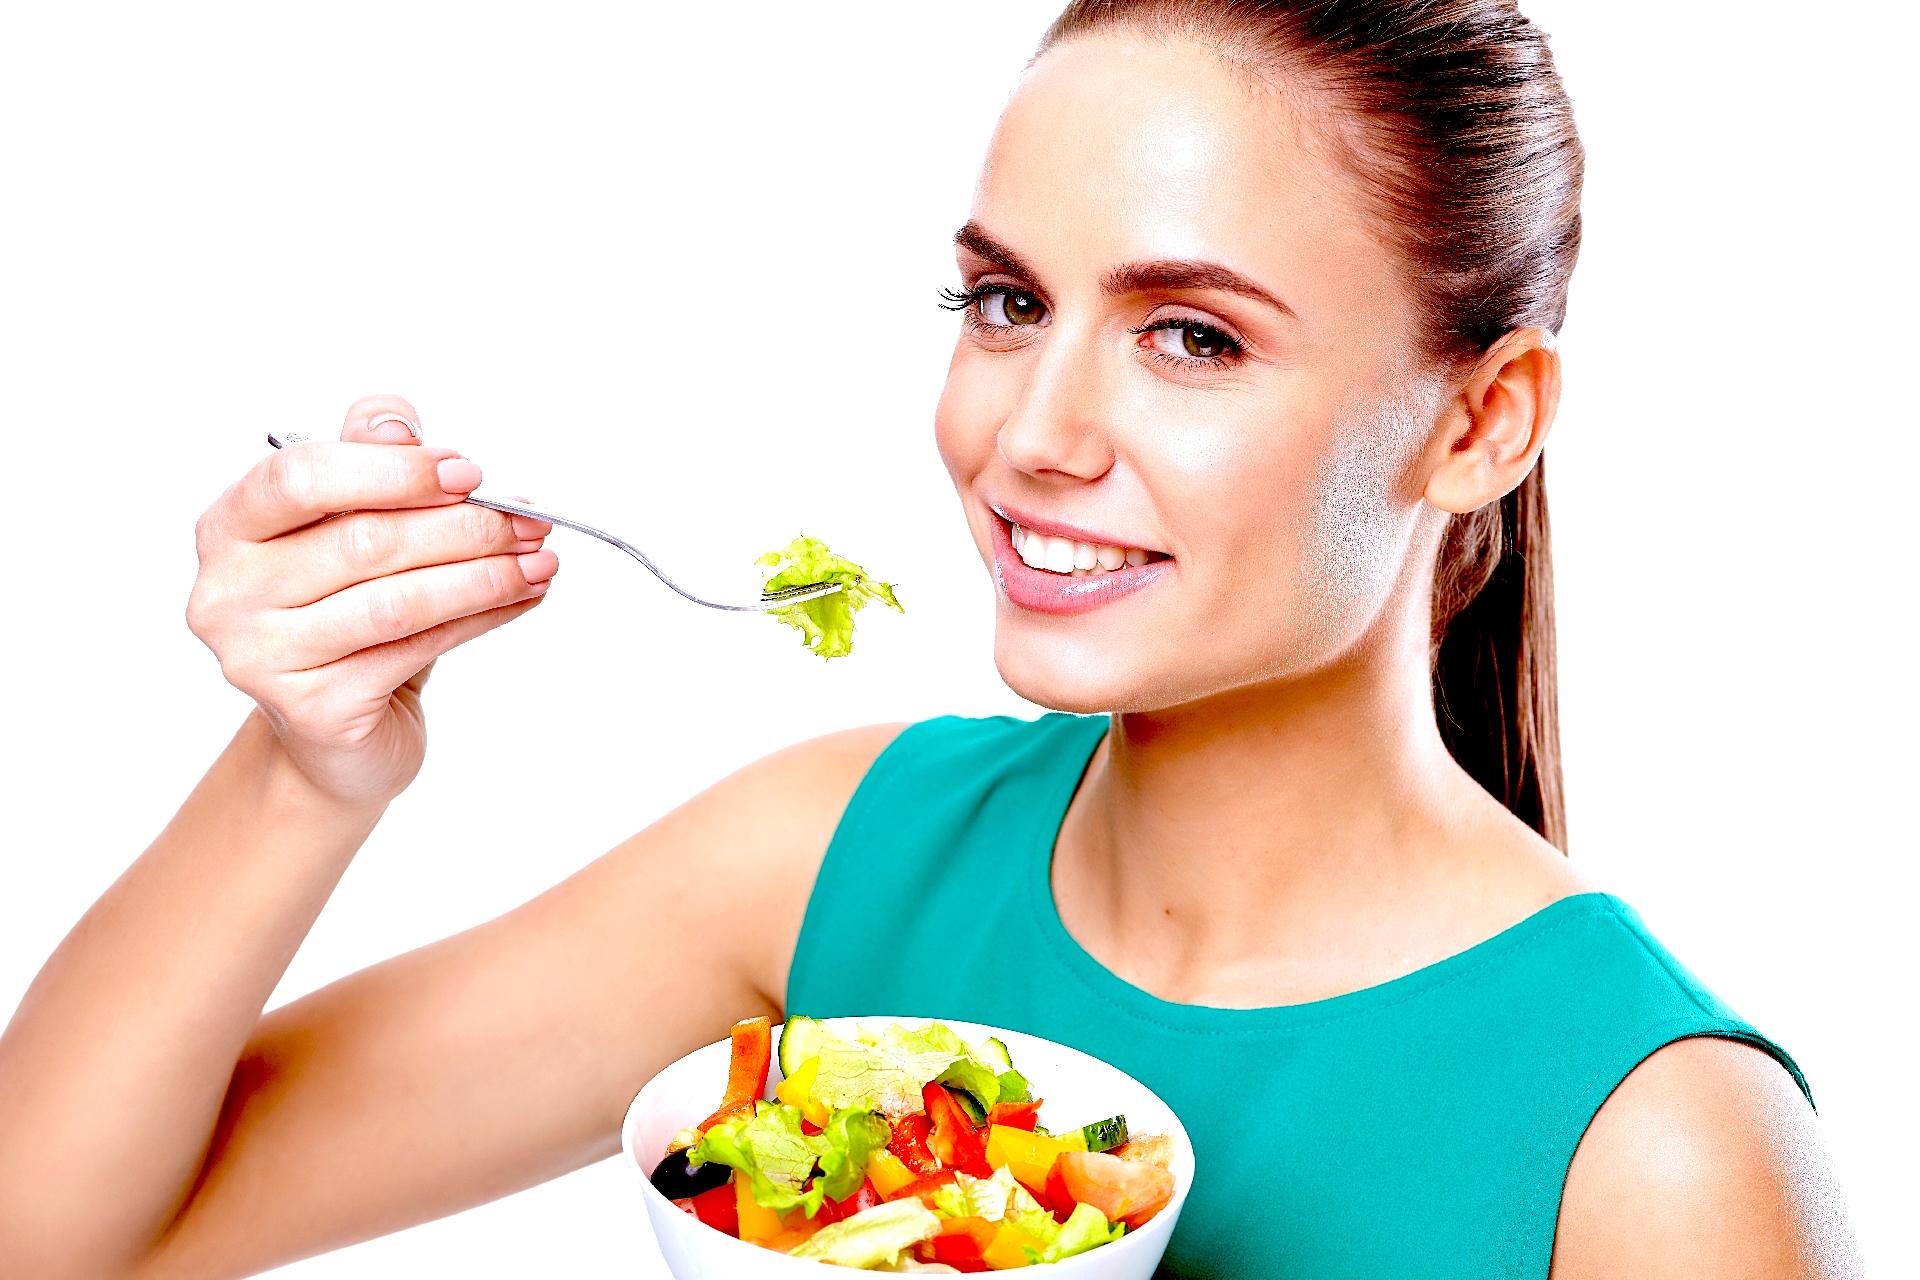 30代なら毎食!美腸&美肌をつくる「発酵食品」と取り入れ方